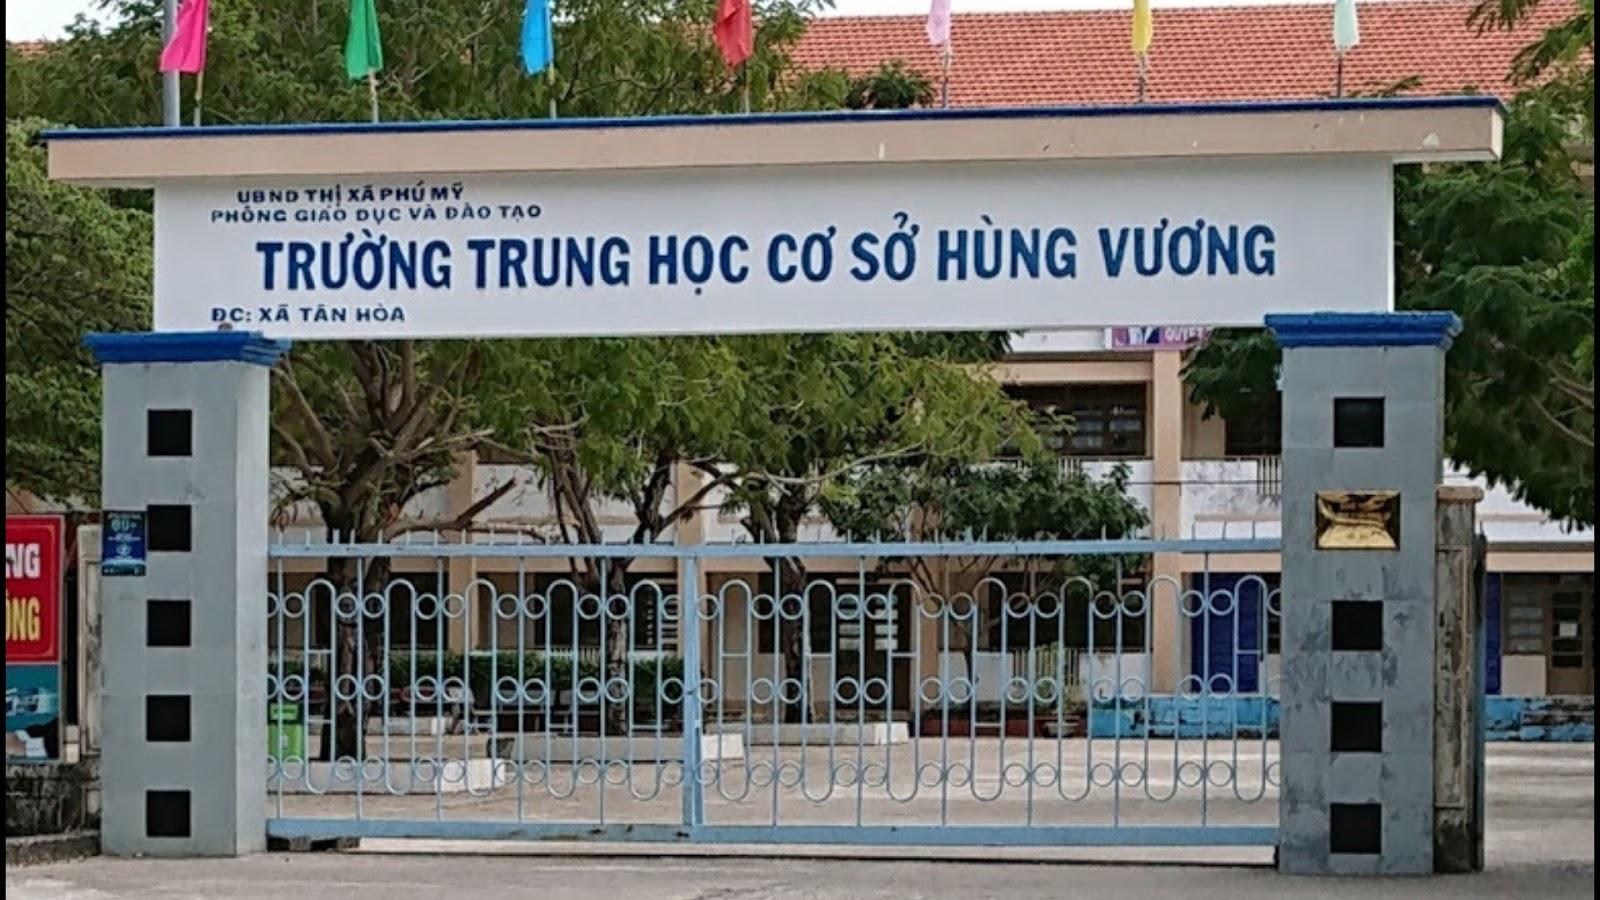 Bán lô đất 72m2 tại Quốc Lộ 51 Tân Hòa BR VT